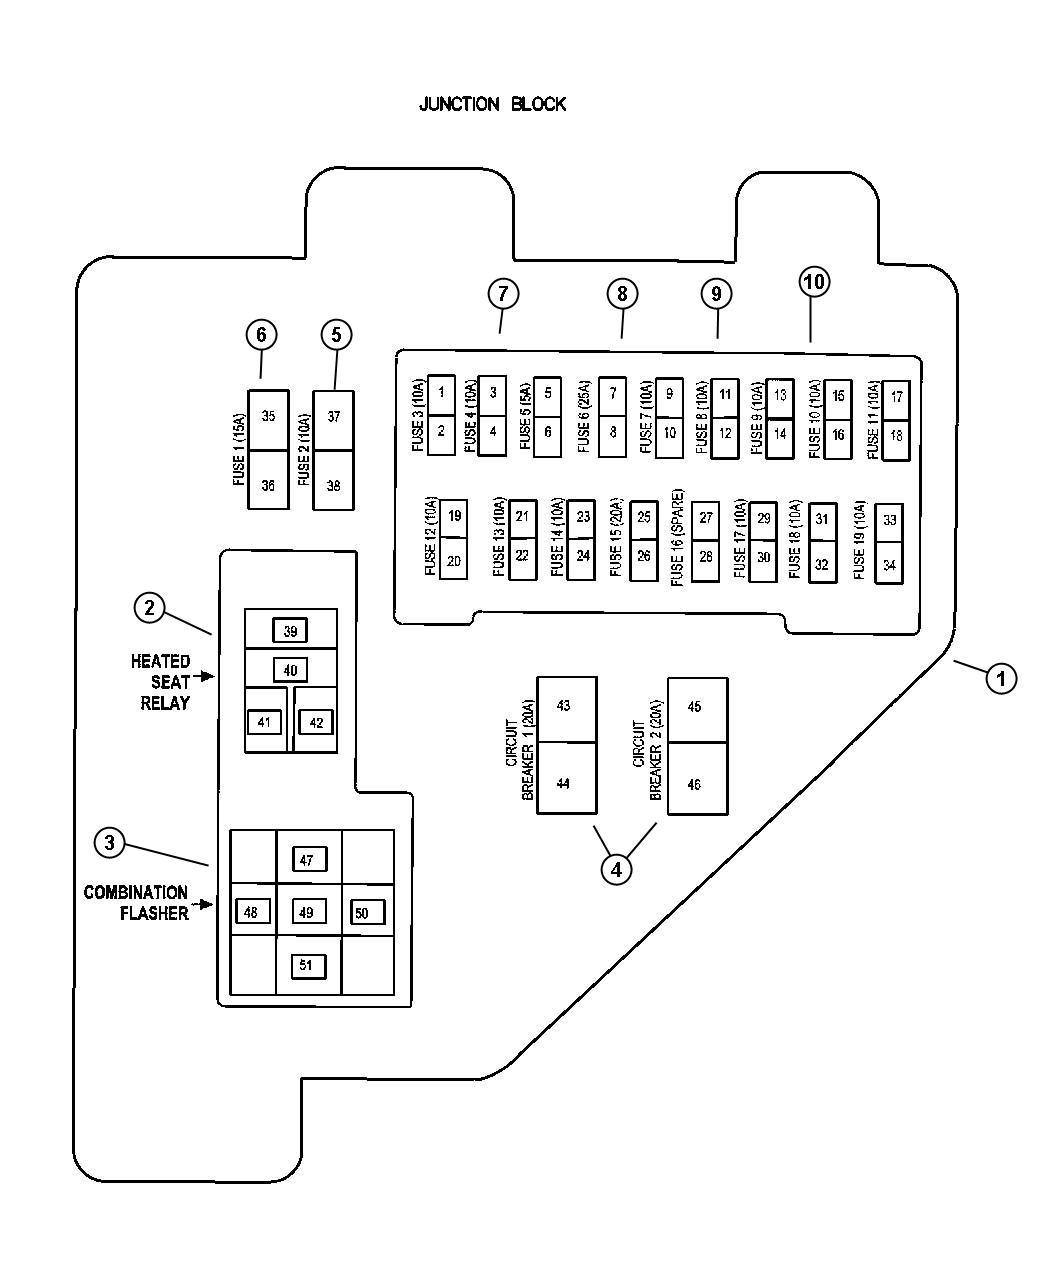 1999 chrysler fuse panel diagram 1999 diy wiring diagrams 1999 dodge ram fuse box diagram 1999 home wiring diagrams